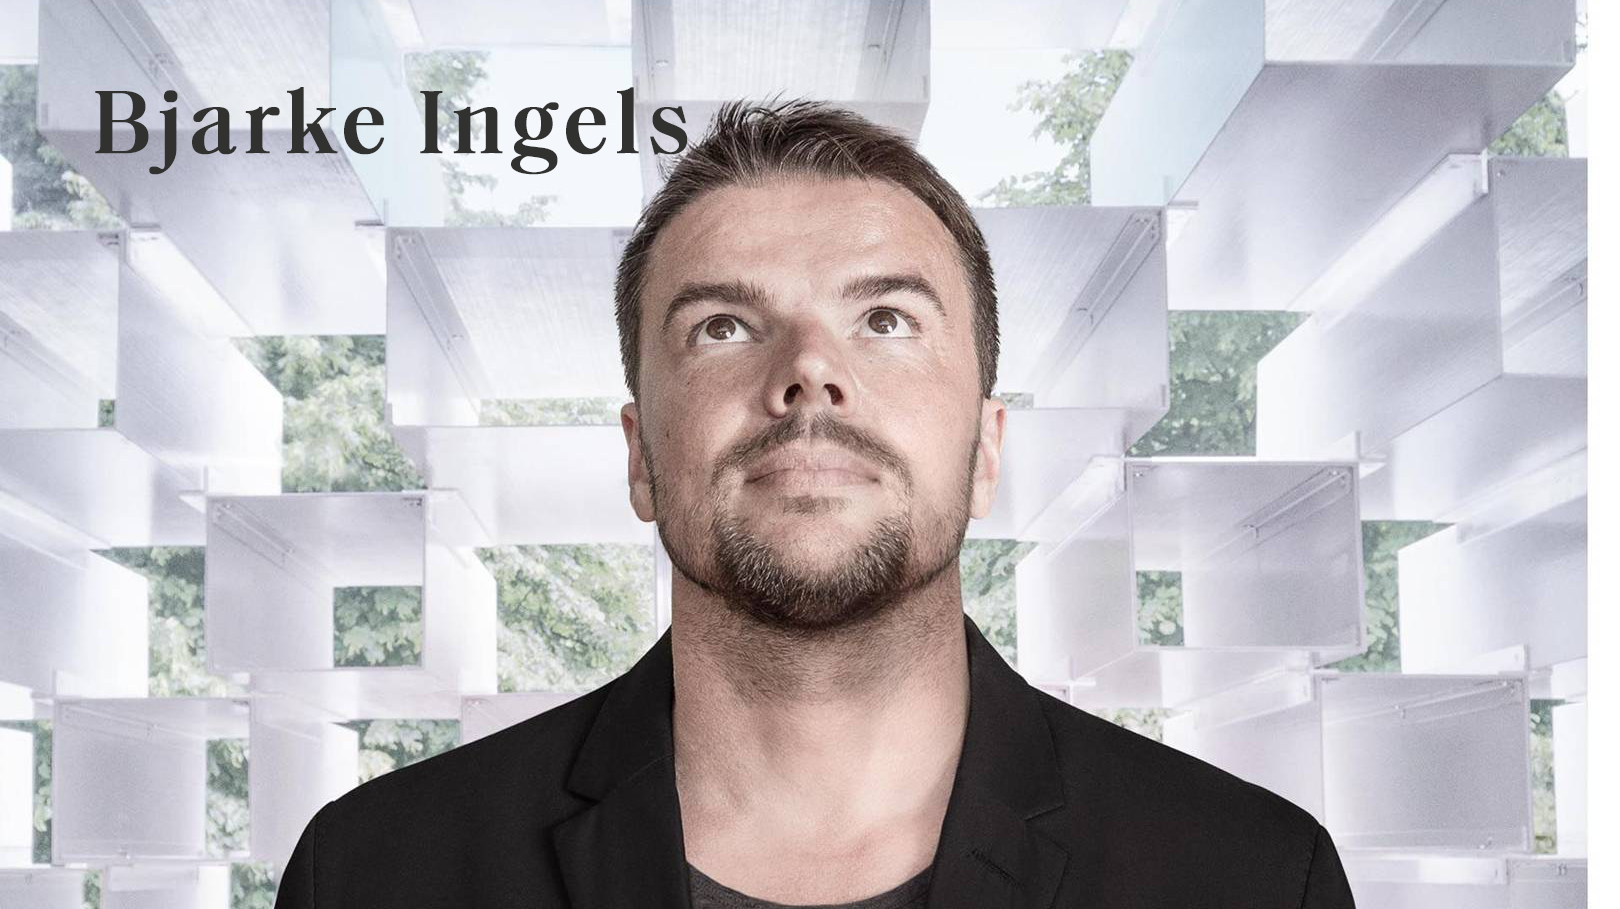 Bjarke Ingels